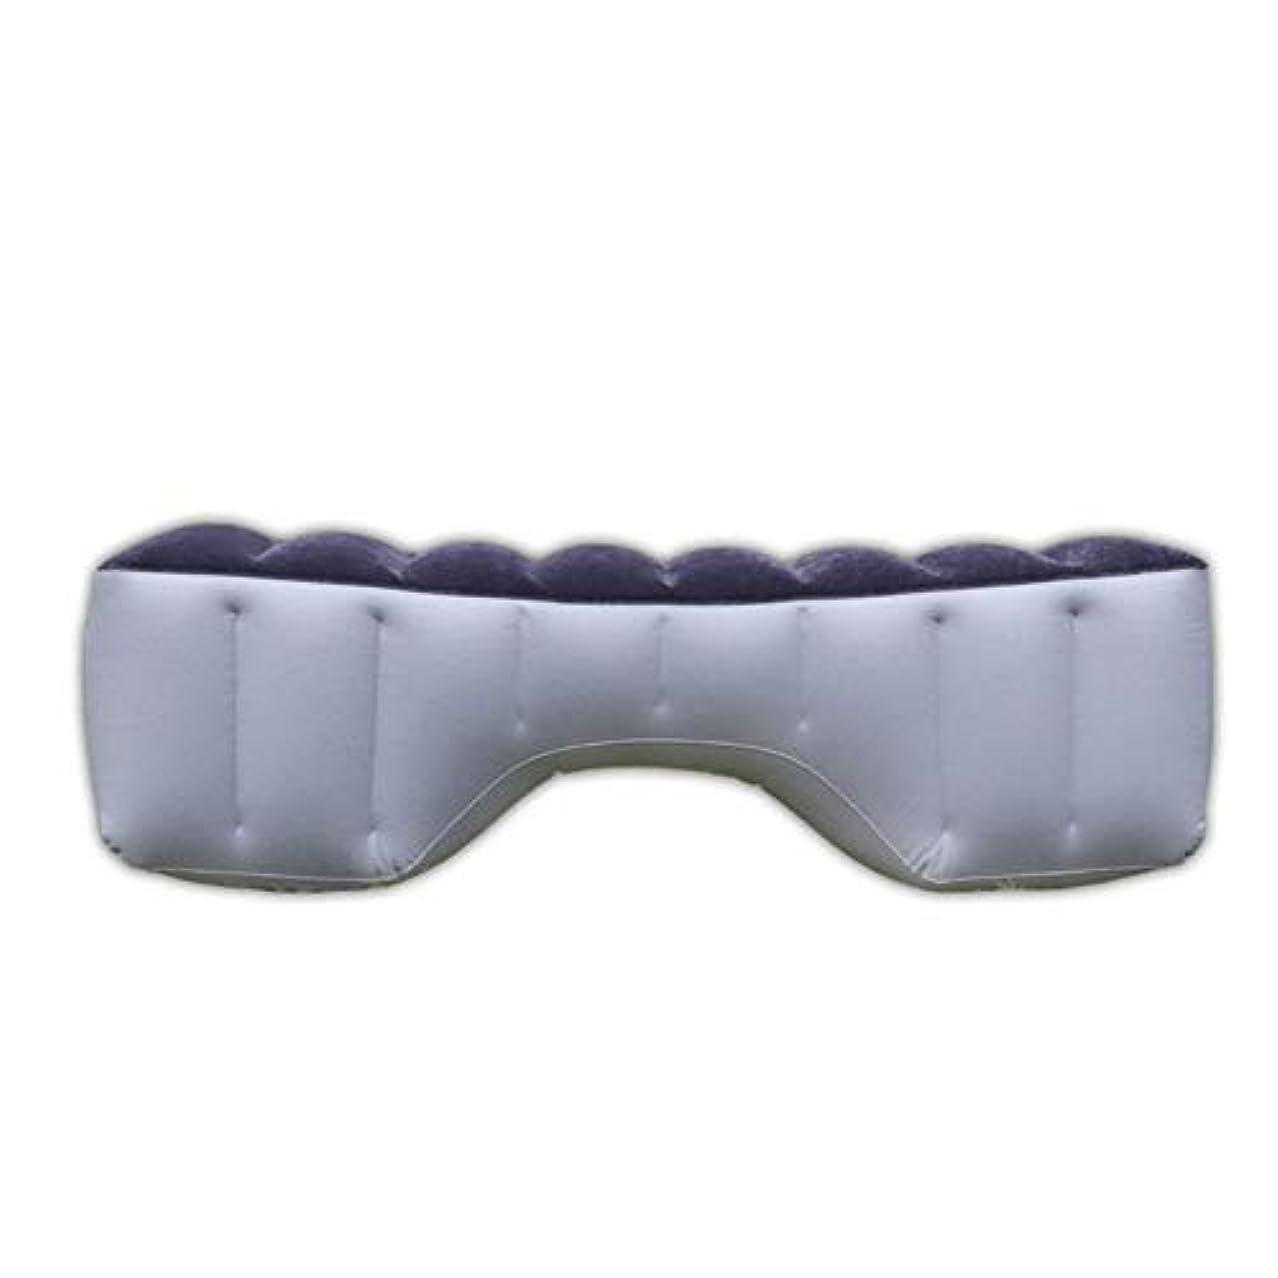 宿泊施設バルーン織るBXXU爪切りセットステンレス鋼ブラックペディキュアはさみピンセットマニキュアセットツールセット爪マニキュアツール